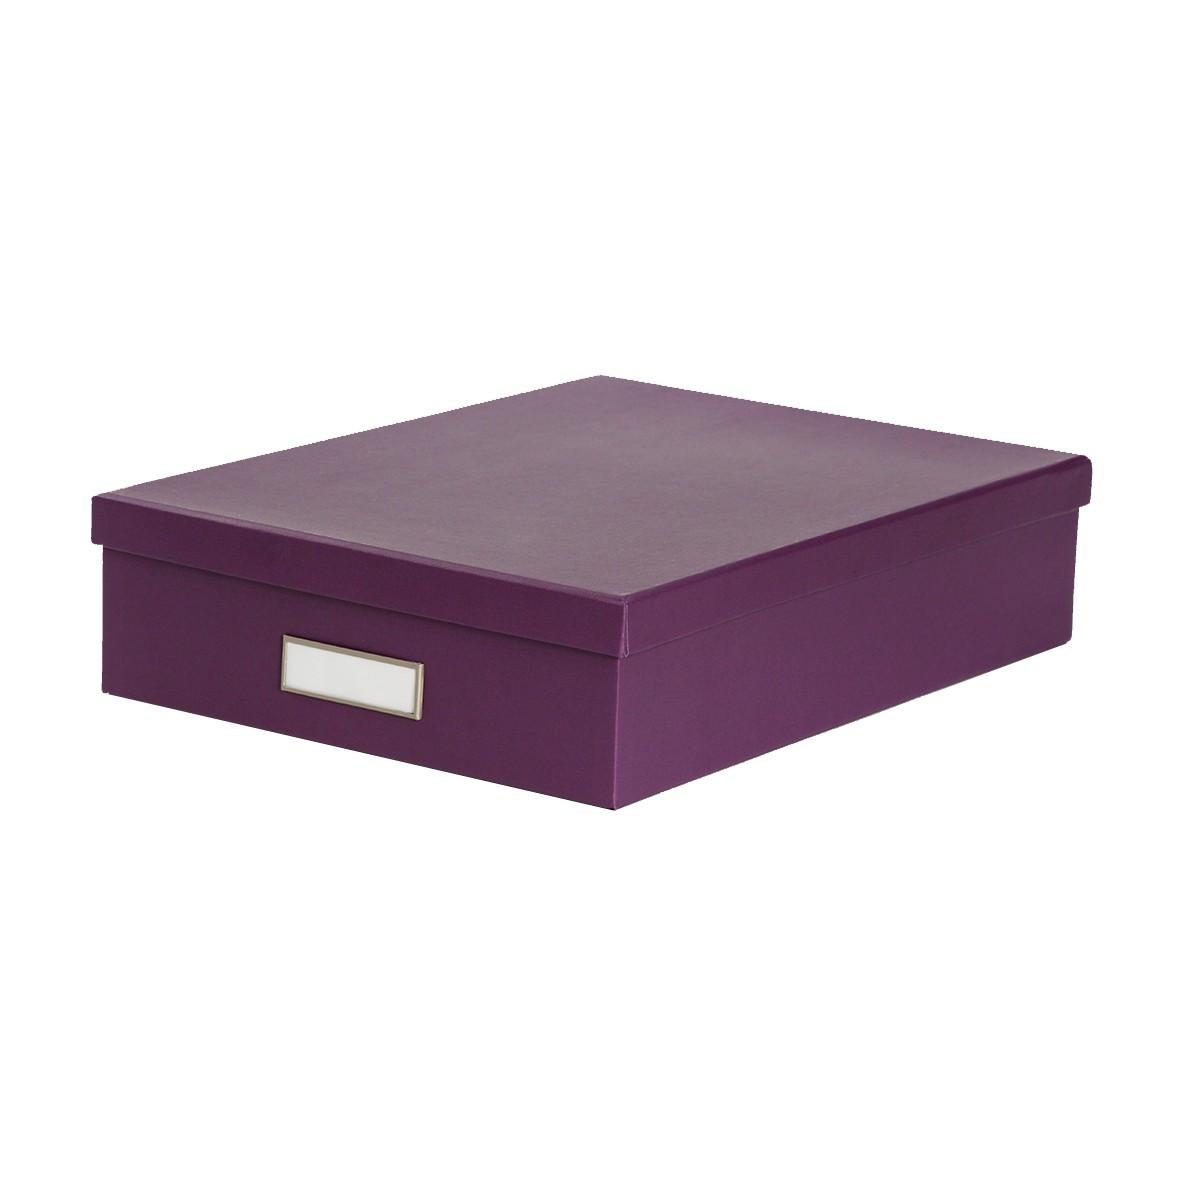 Bo te de classement a4 en carton violet rangement bureau for Classement papier bureau